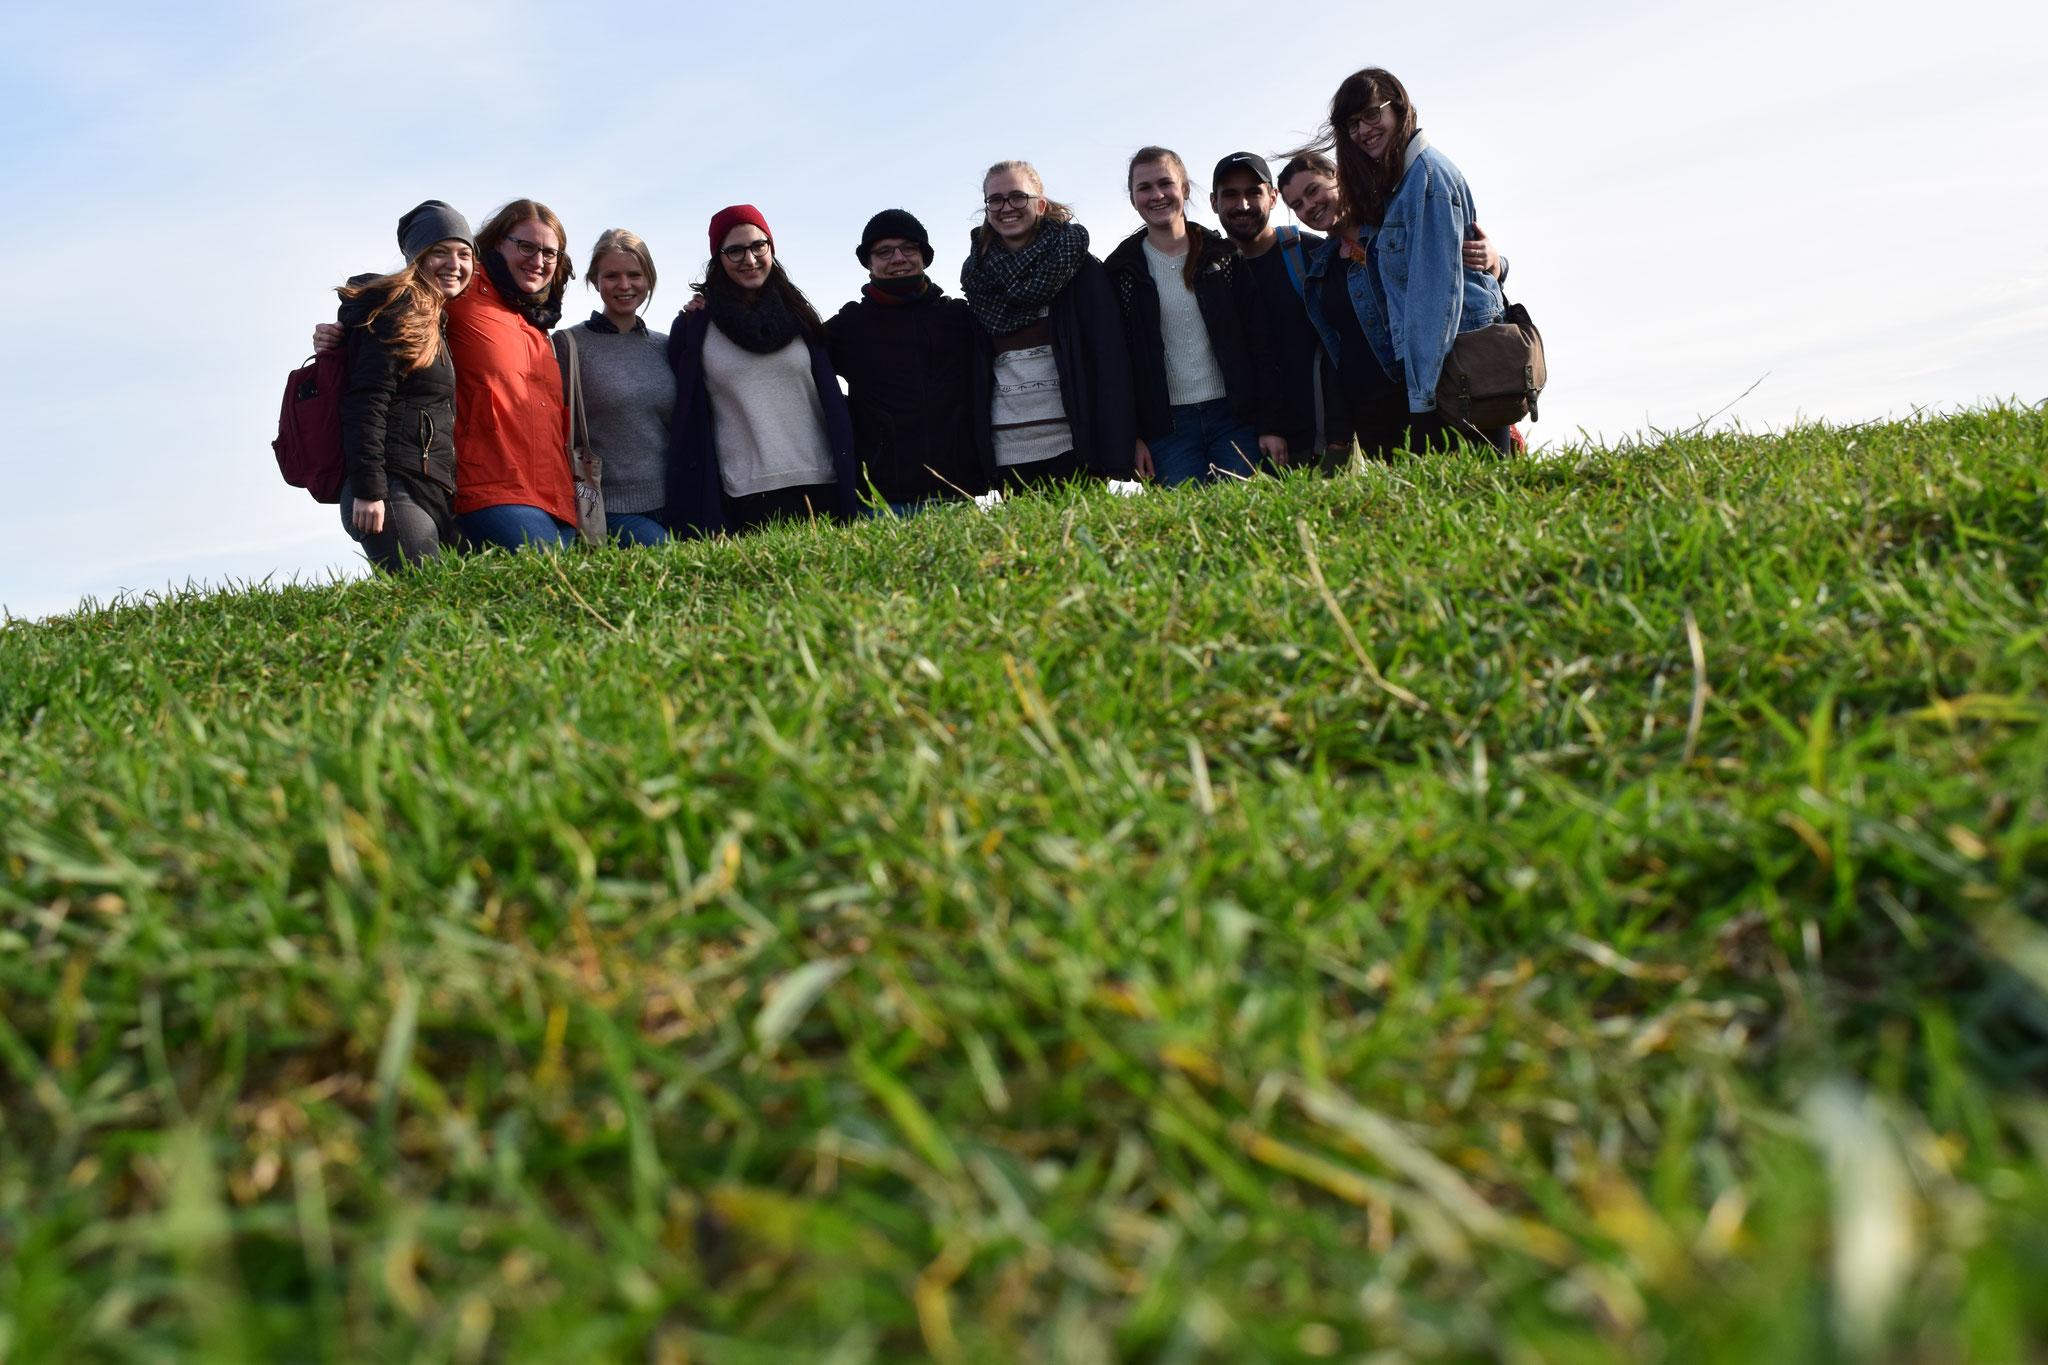 Wanderung an einem sonnigen Herbsttag mit Praktikanten und amerikanischen Studenten